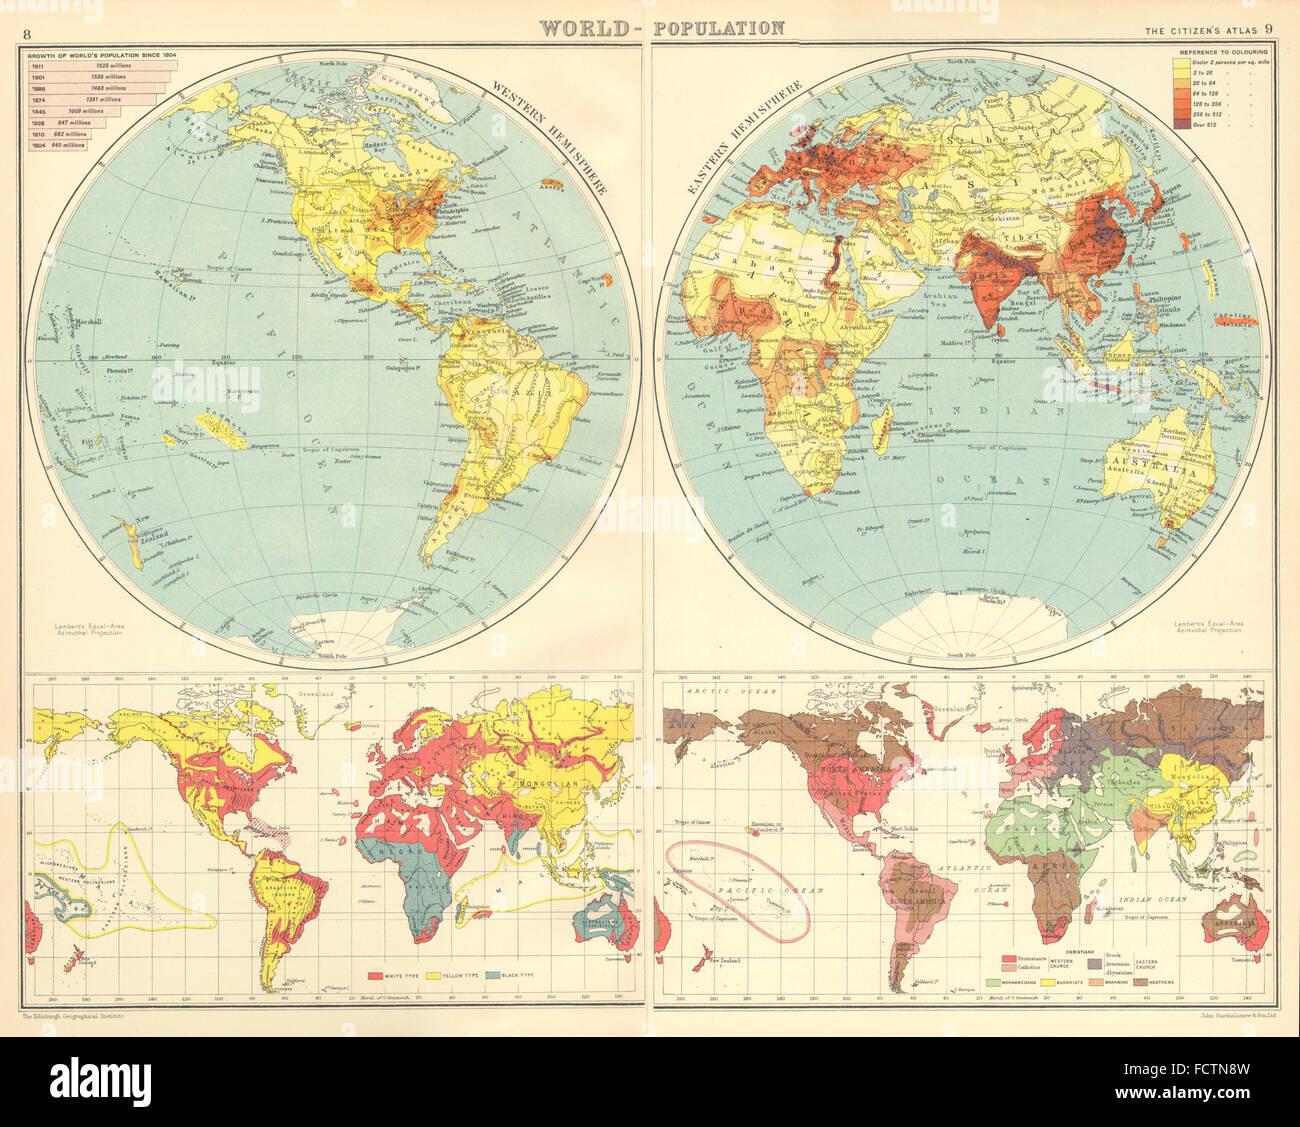 Weltbevölkerung: Rennen & Religionen. Bartholomäus, 1924 Vintage Karte Stockbild